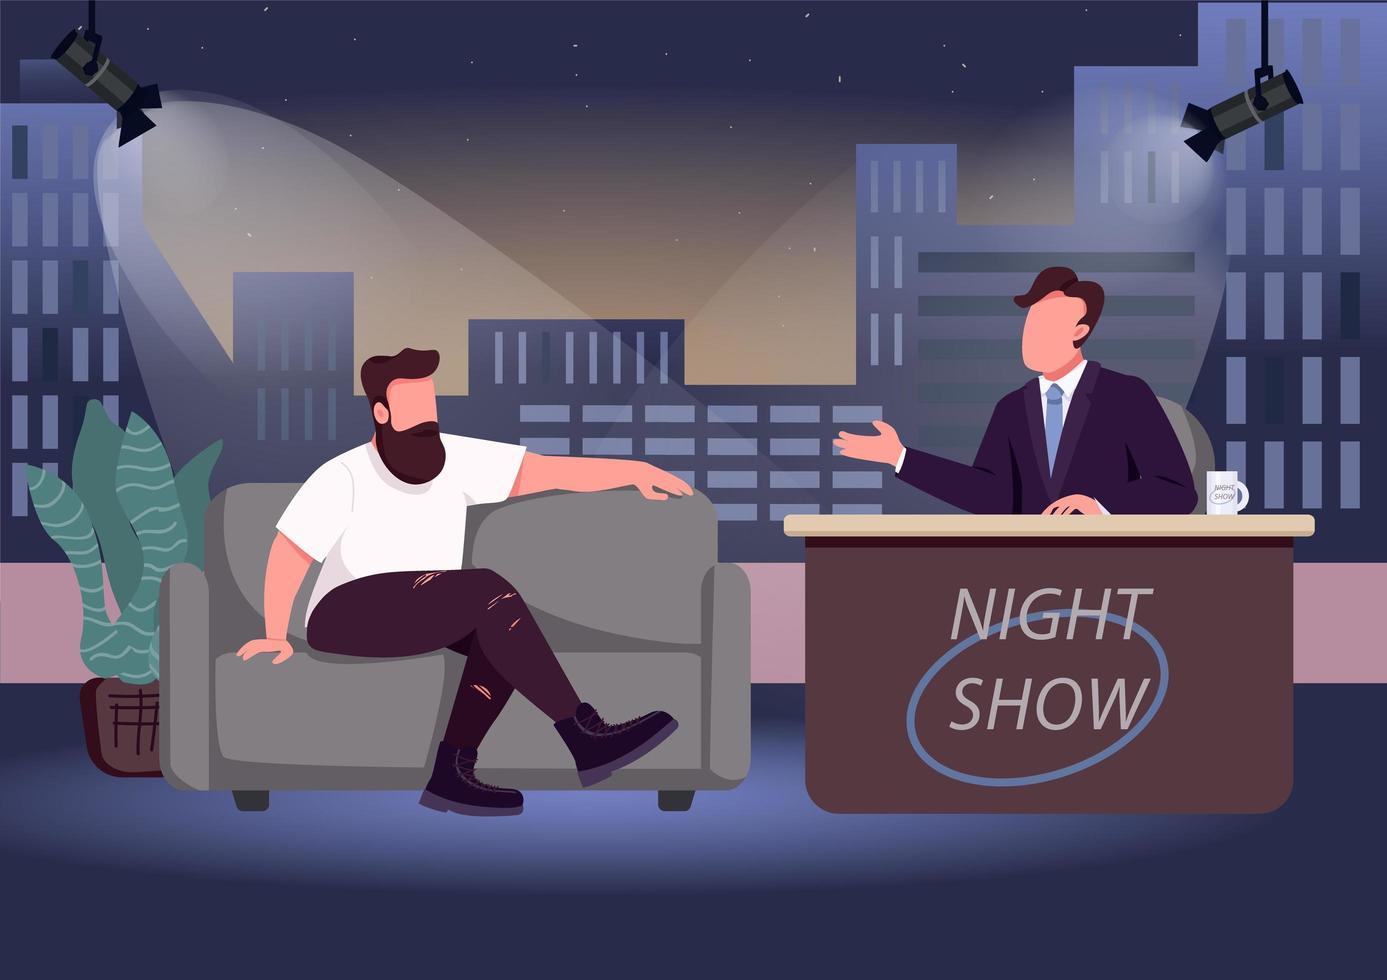 programa de entrevistas de la noche vector